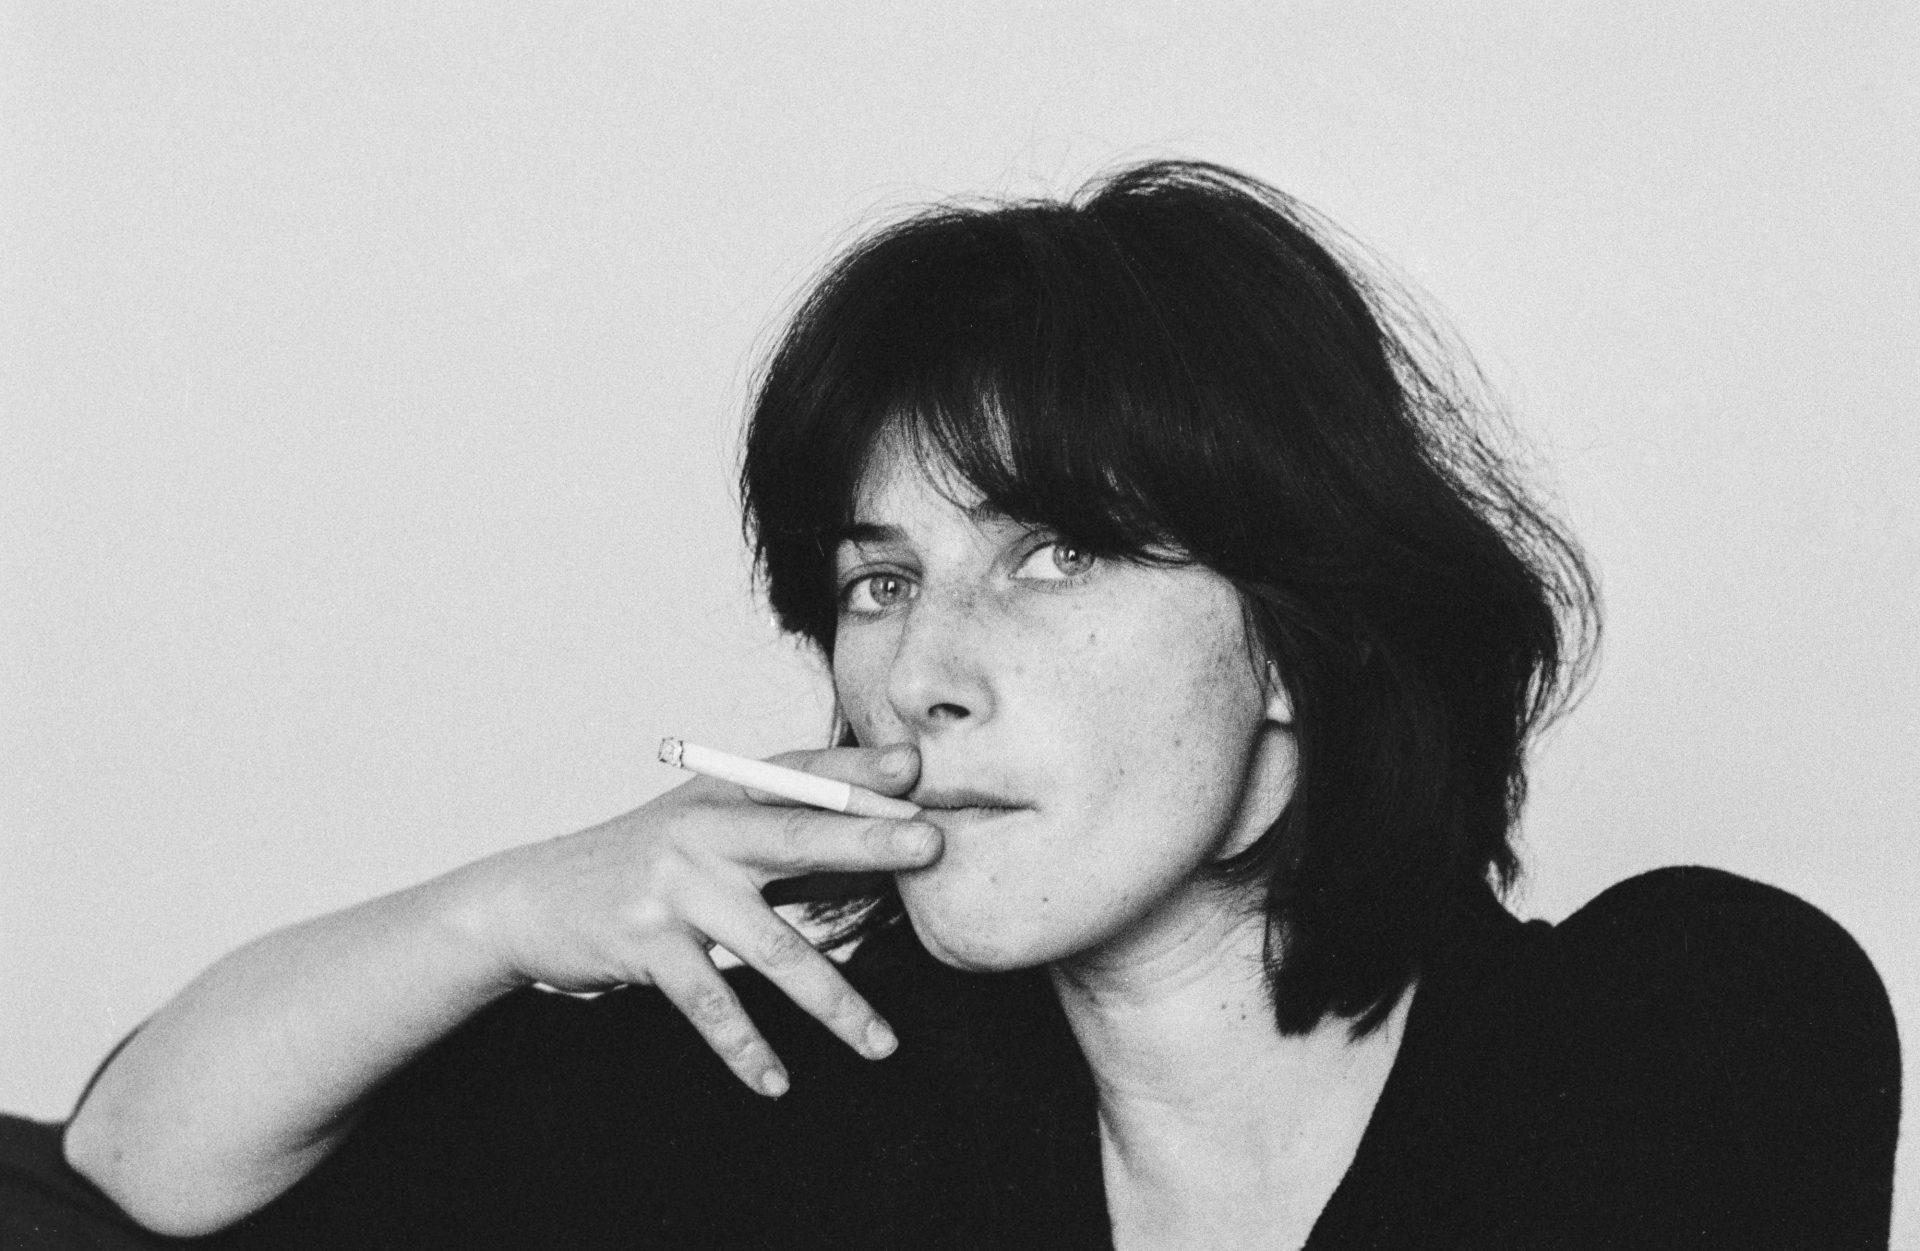 Chantal Akerman at home in Paris in 1979. Credit: Gamma-Rapho via Getty